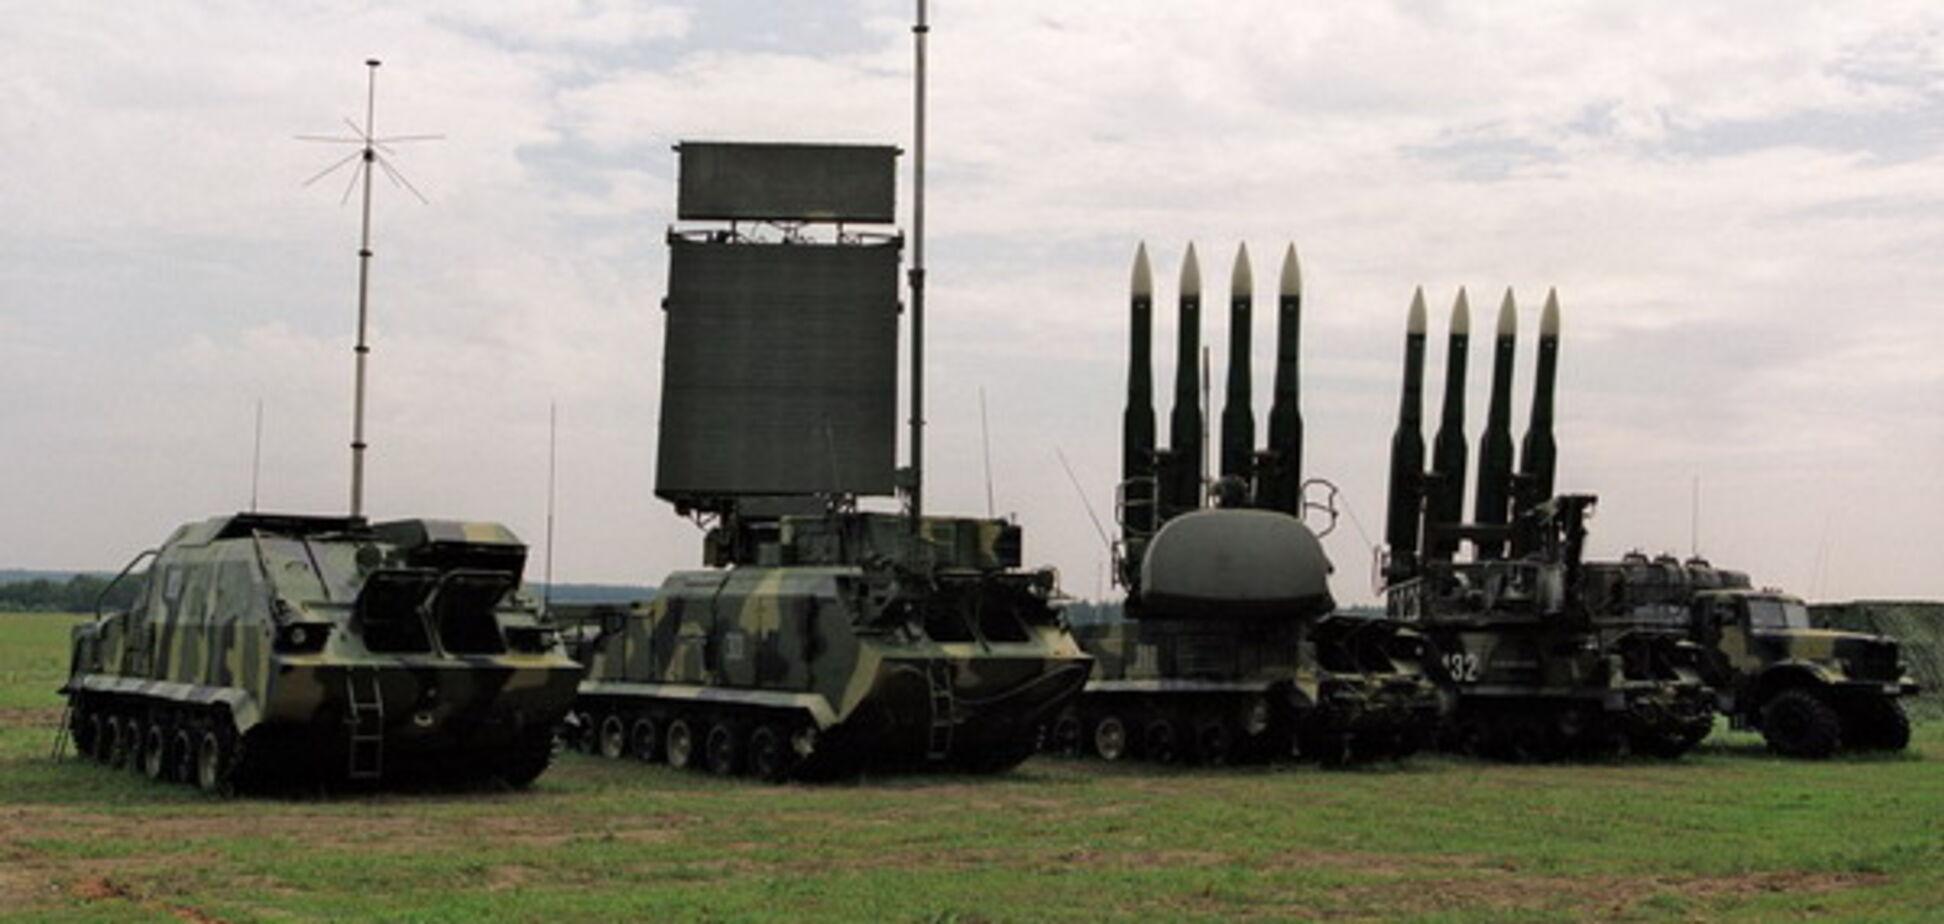 Минобороны показали новые испытания украинских ракет: появились фото